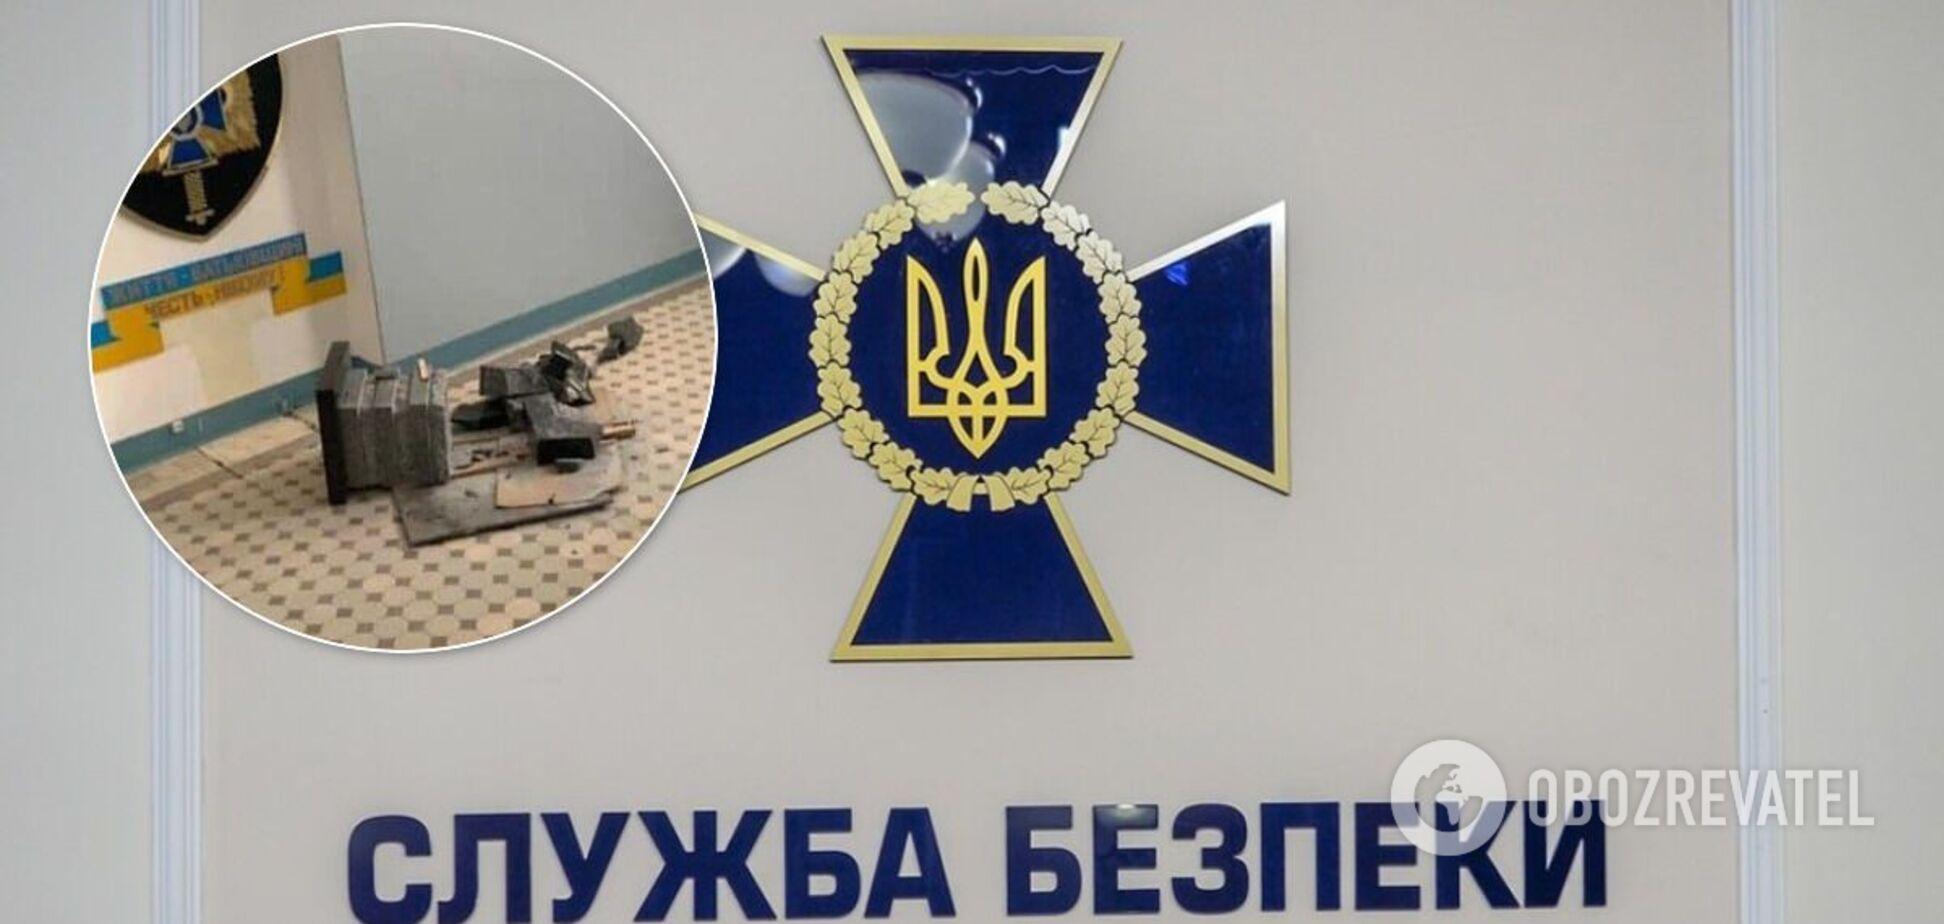 СБУ снова обвинили во лжи по поводу уничтожения мемориальной плиты